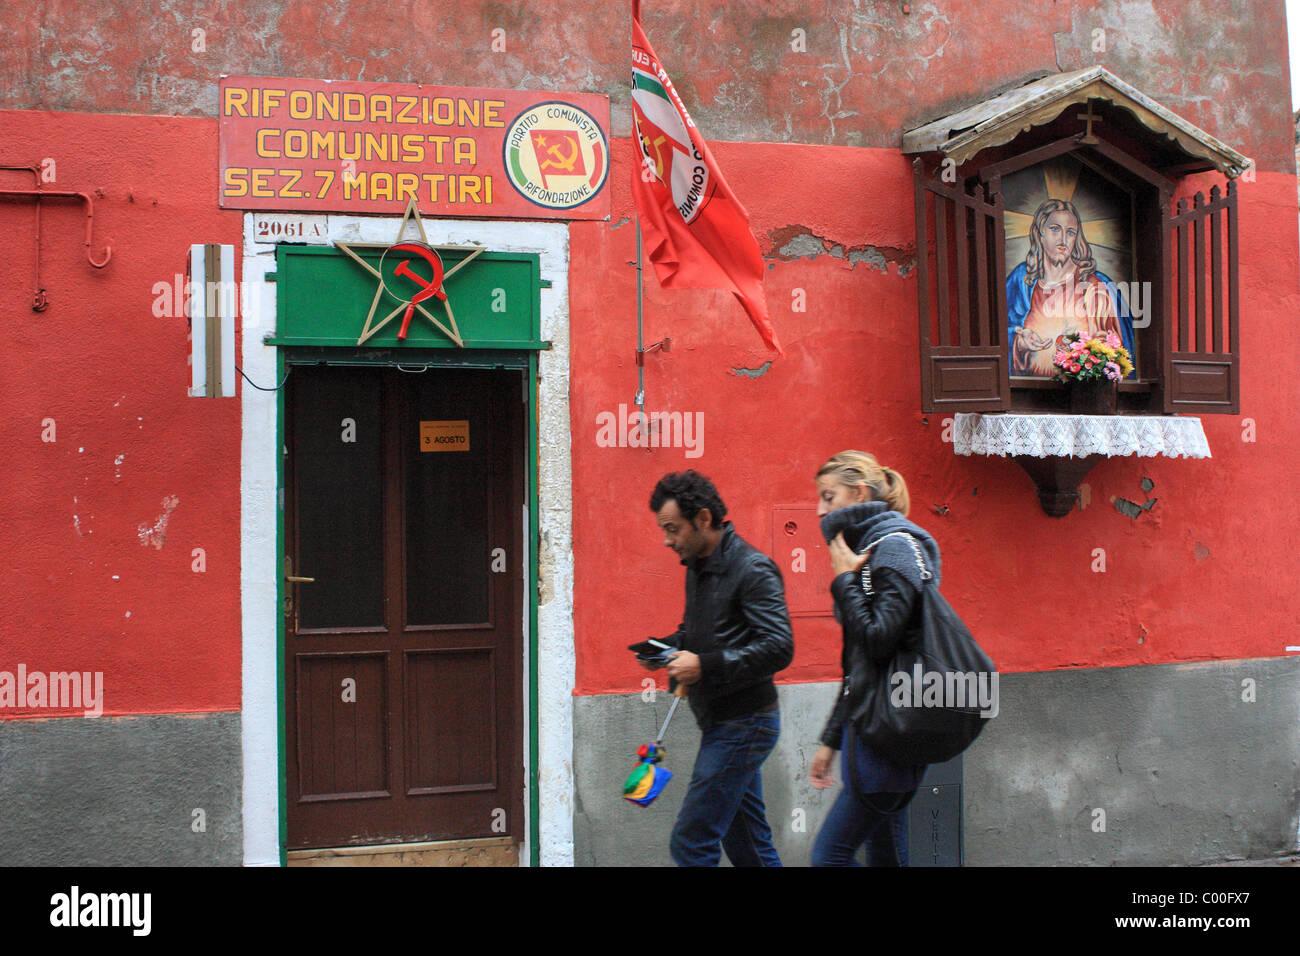 Office of the Communist Refoundation Party (Partito della Rifondazione Comunista, PRC) in Venice, Italy - Stock Image